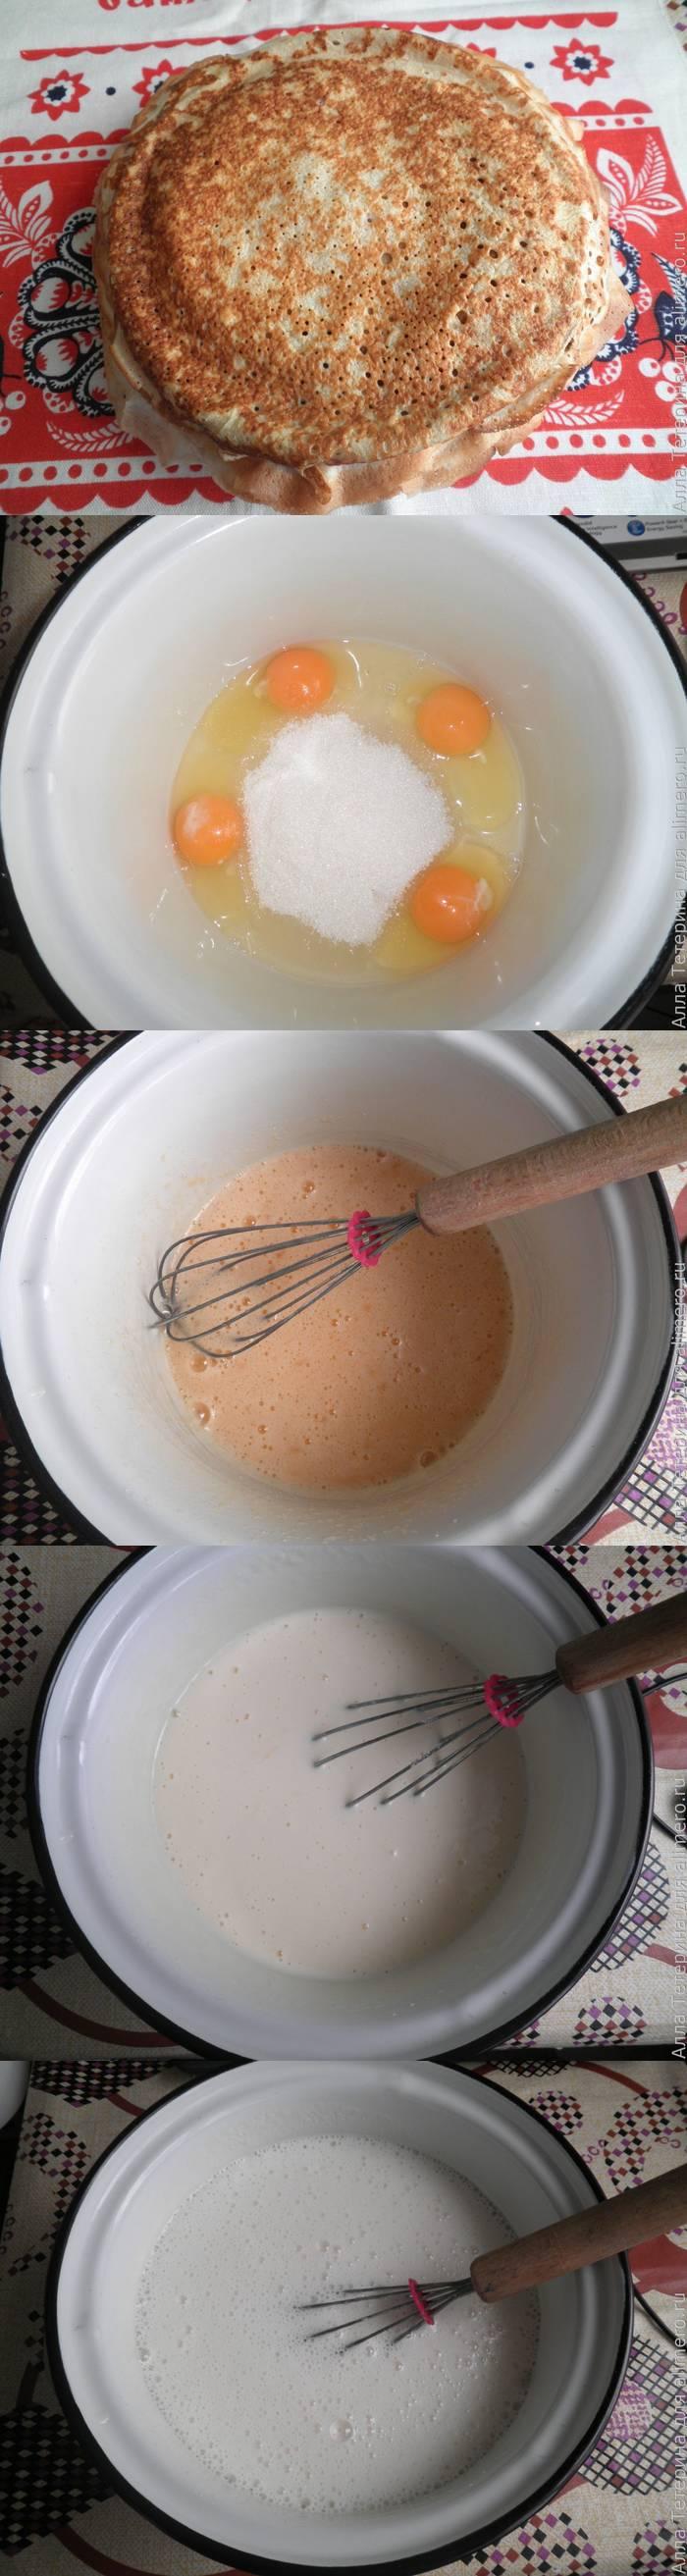 Как сделать блинчики на кефире рецепт с фото